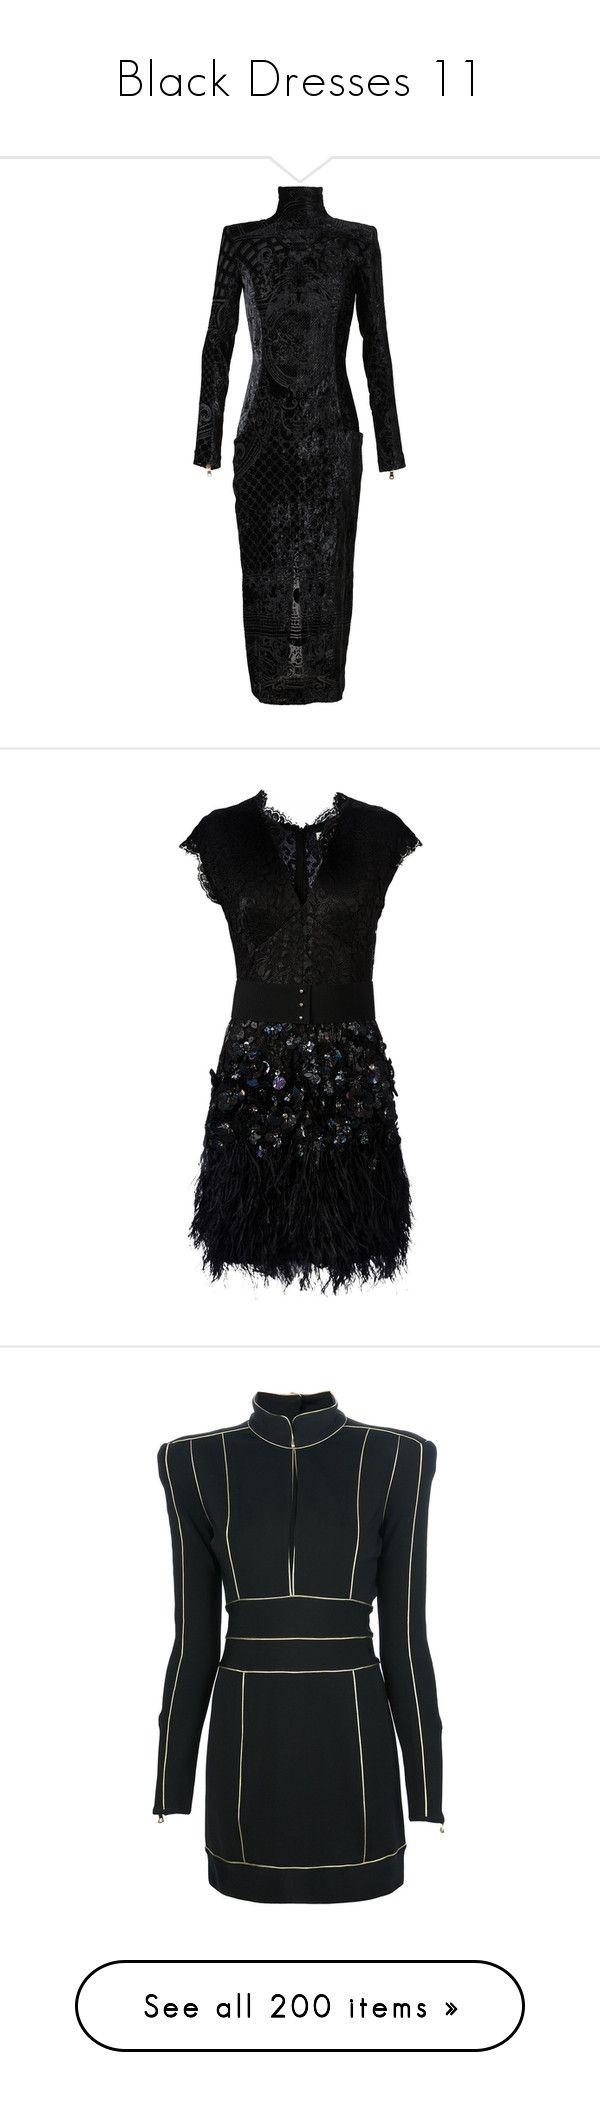 """""""Black Dresses 11"""" by kingcrimson ❤ liked on Polyvore featuring dresses, gowns, balmain, black, vestidos, velvet dress, velvet evening gown, long sleeve evening dresses, exposed zipper dress and short dresses"""